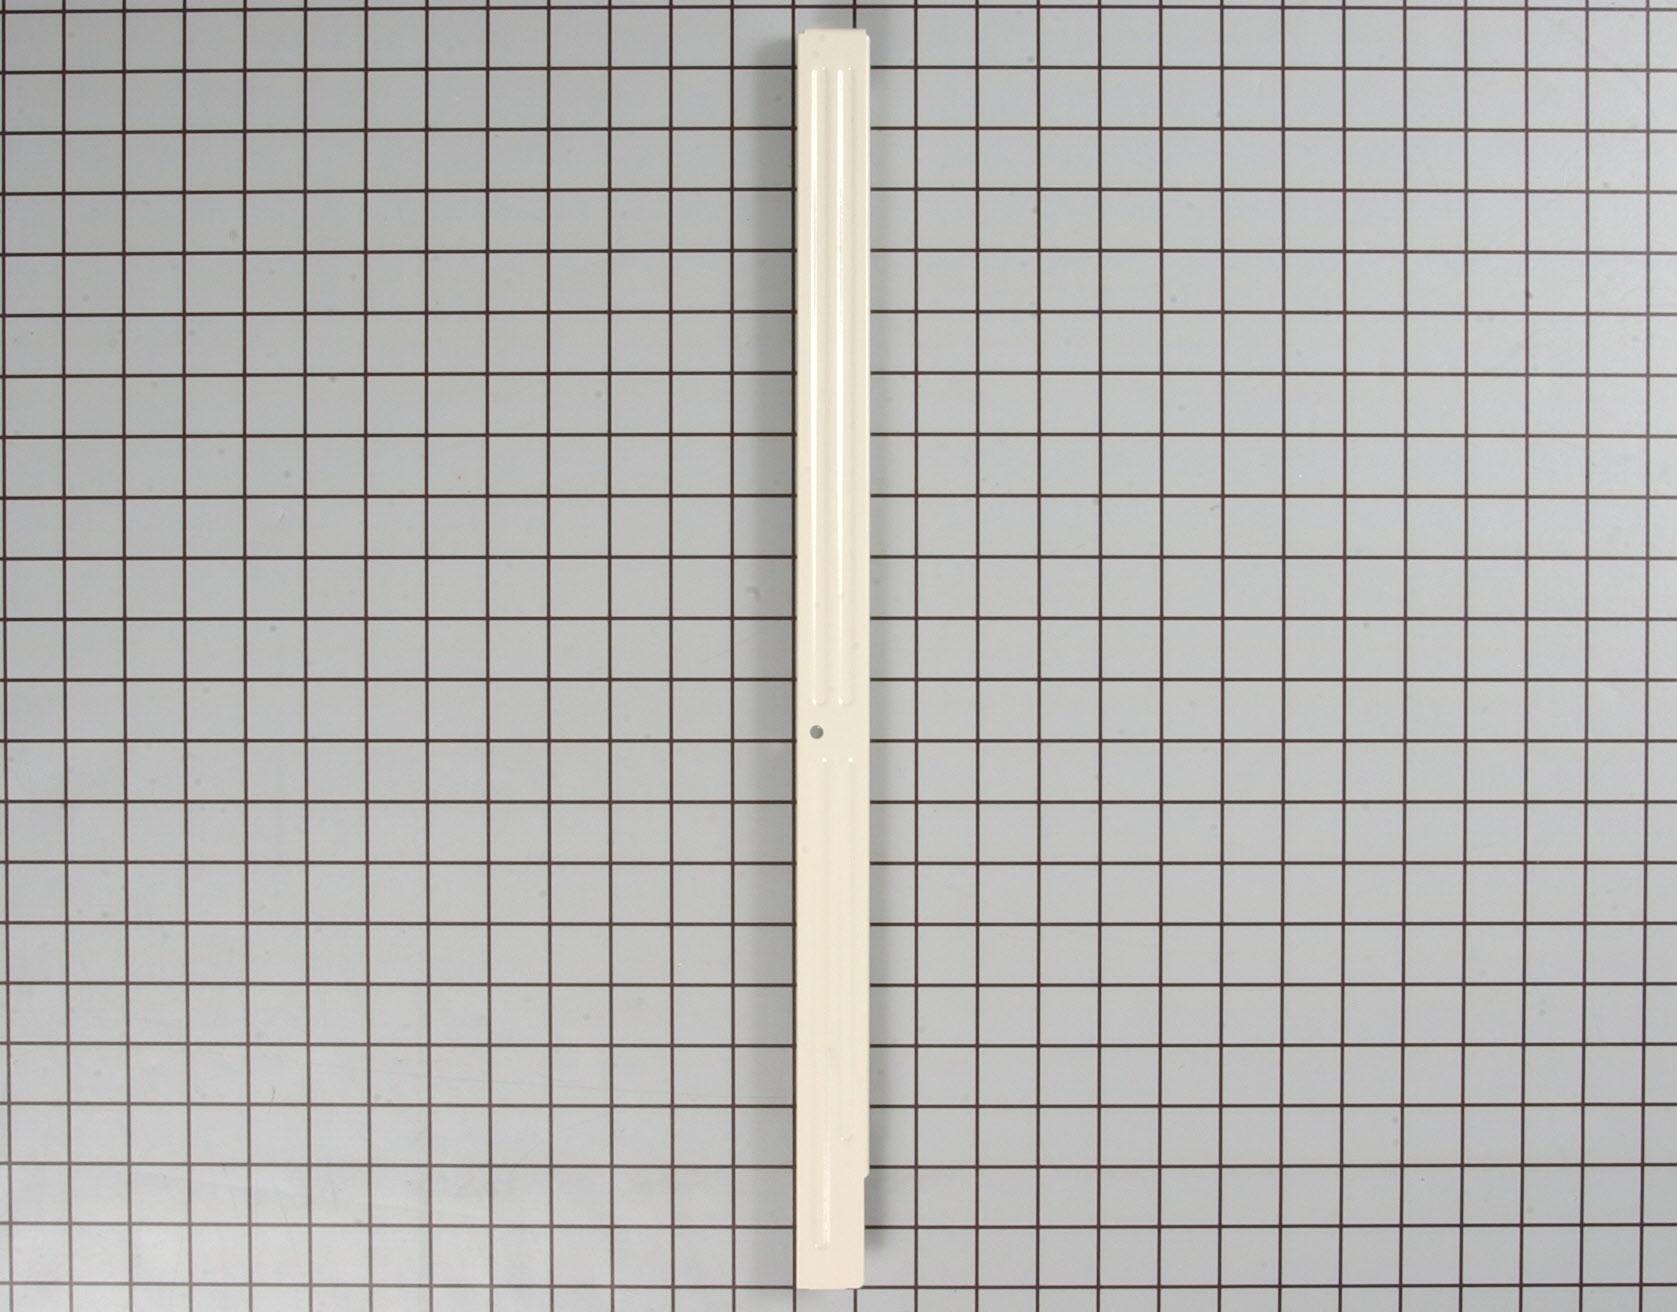 Maytag Range/Stove/Oven Part # WP3608F116-78 - Door Trim